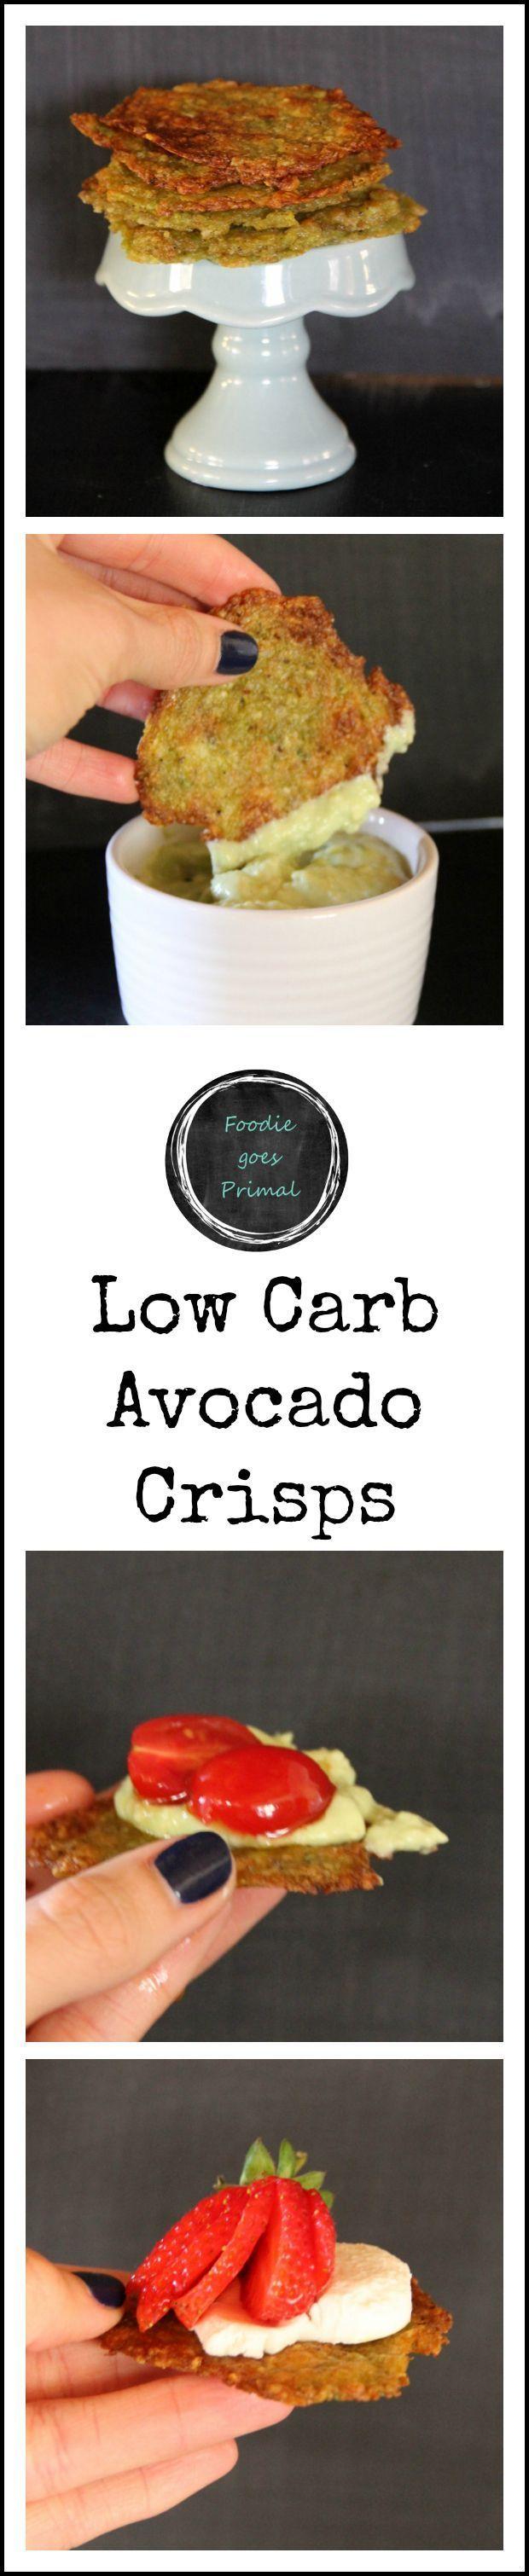 Low Carb Avocado Crisps